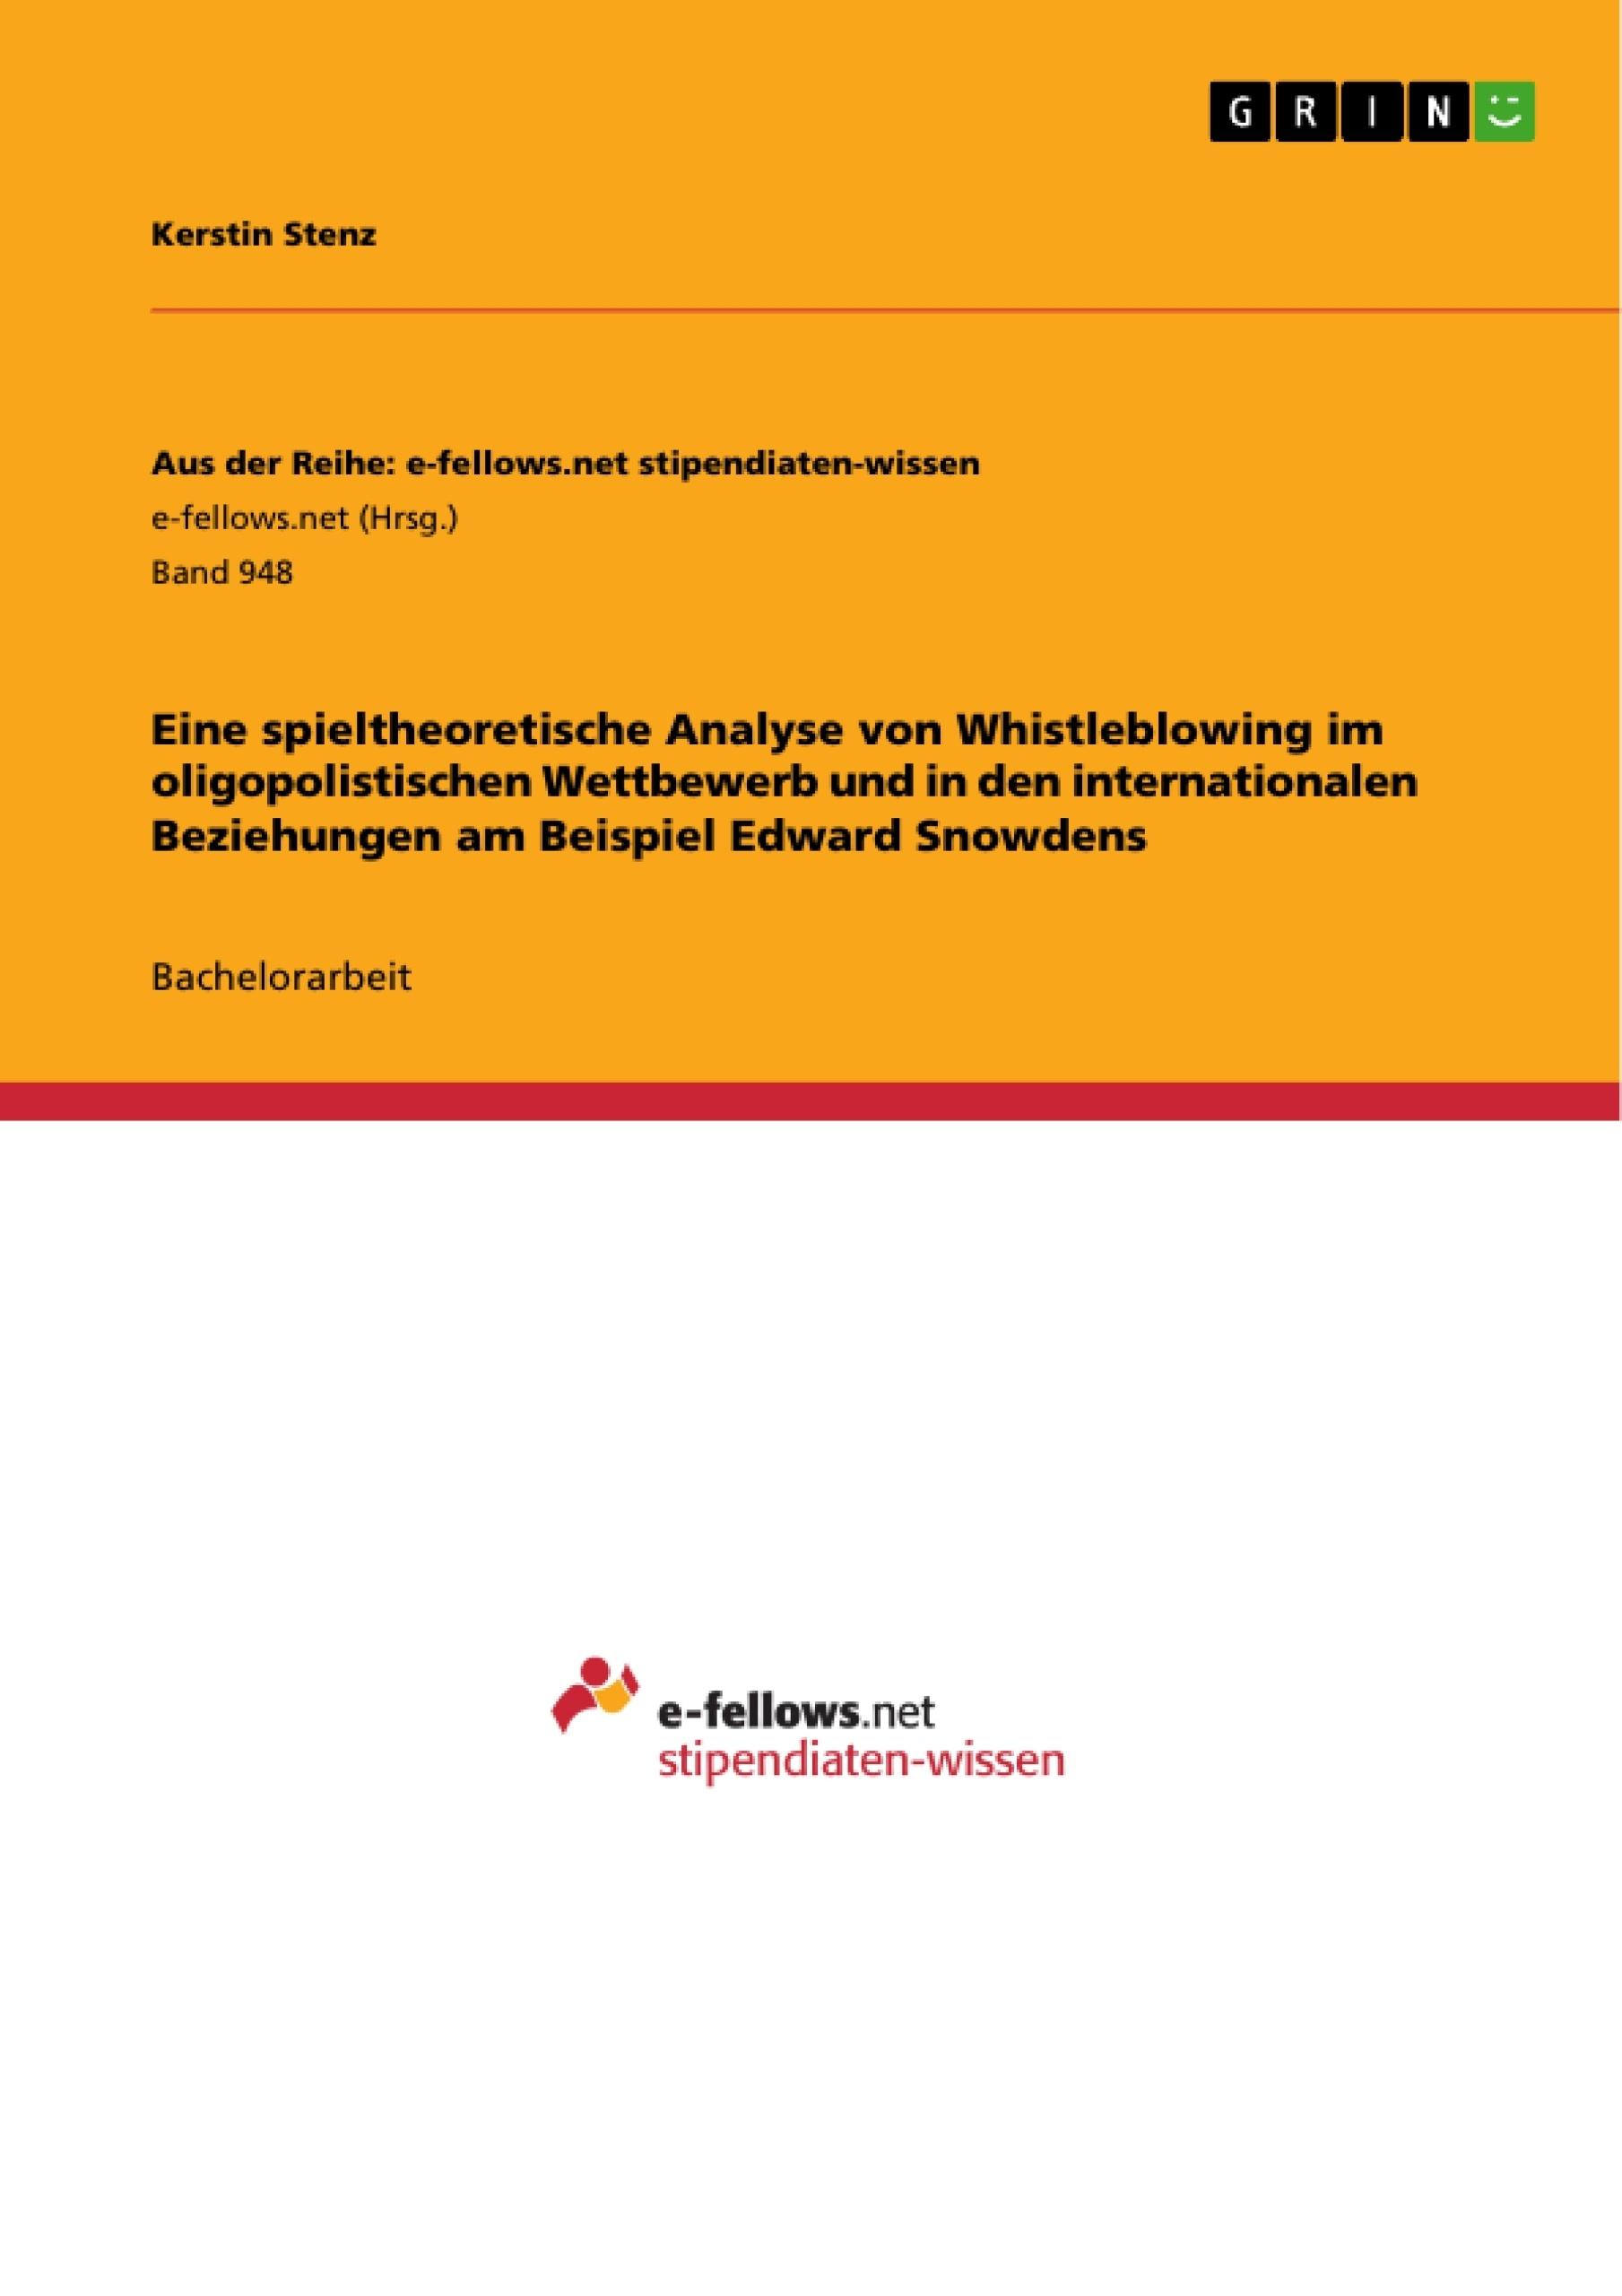 Titel: Eine spieltheoretische Analyse von Whistleblowing im oligopolistischen Wettbewerb und in den internationalen Beziehungen am Beispiel Edward Snowdens